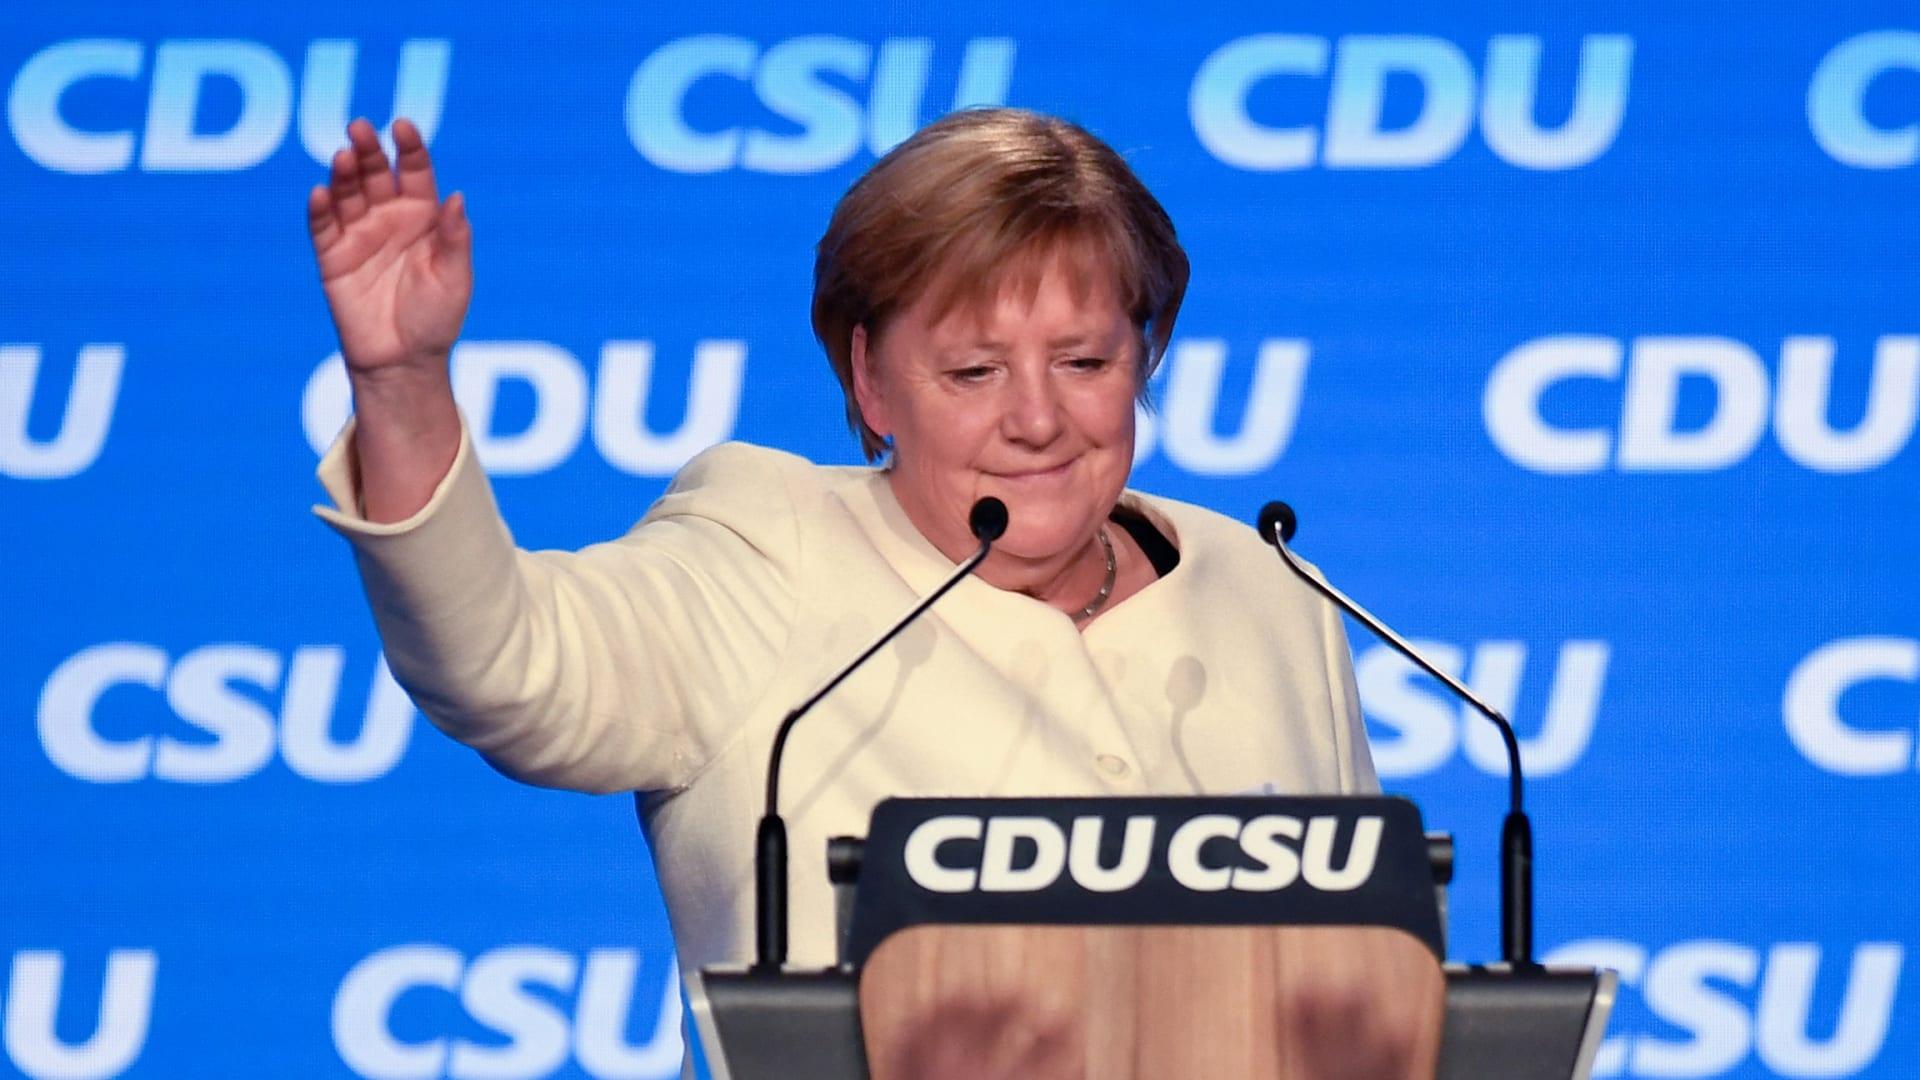 تحليل: ألمانيا الاقتصاد الأكبر في أوروبا.. ماذا لو بدأ في الاتجاه إلى اليسار؟